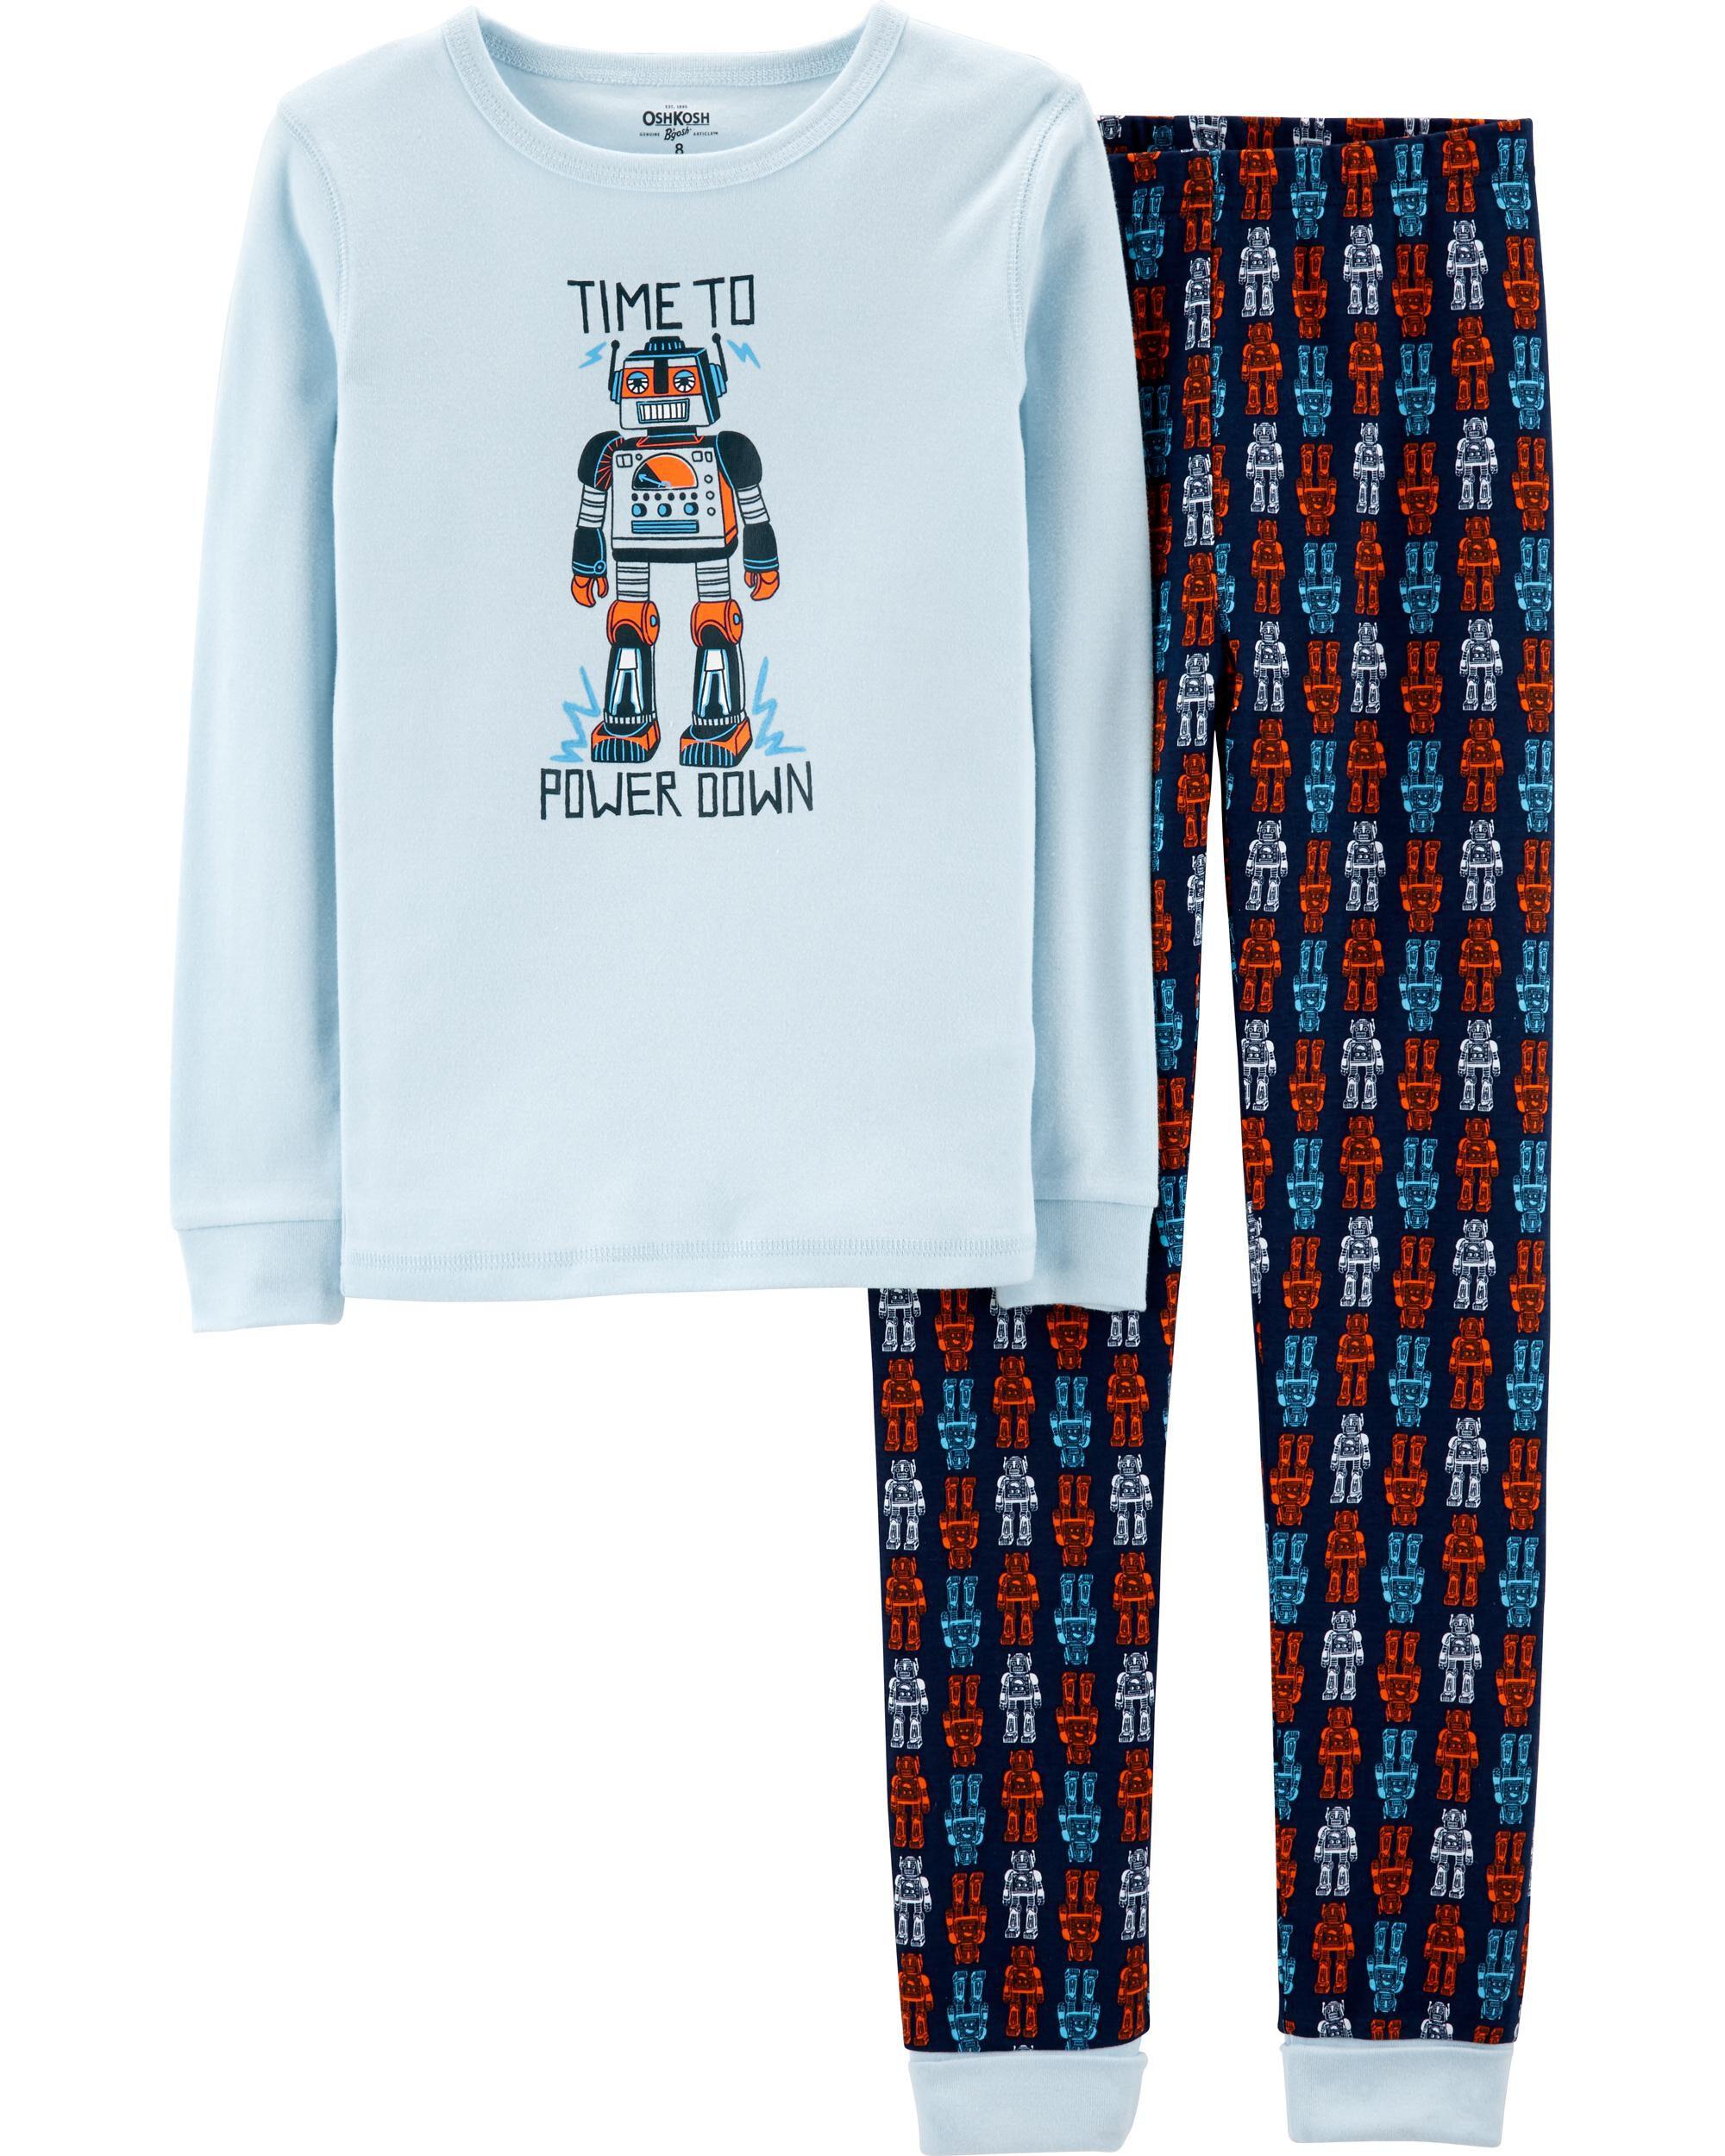 ab81975b1115 Snug Fit Robot Cotton PJs